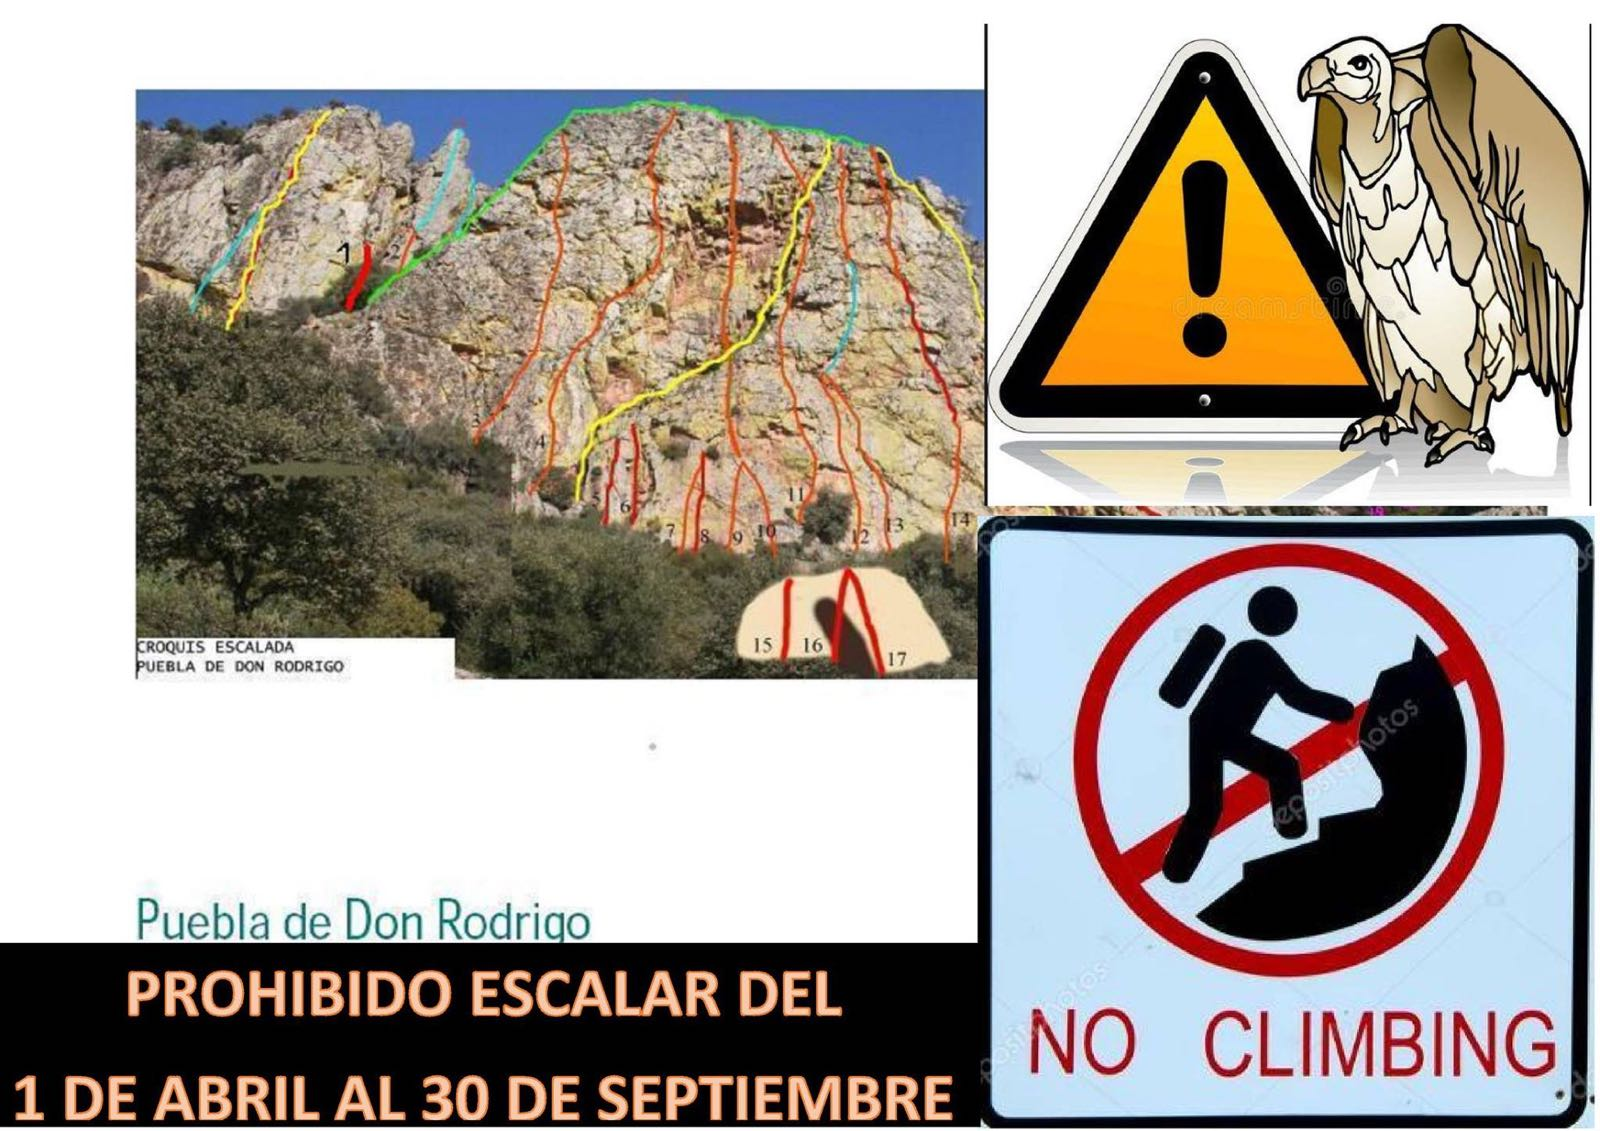 Prohibición de escalada en Puebla de don Rodrigo